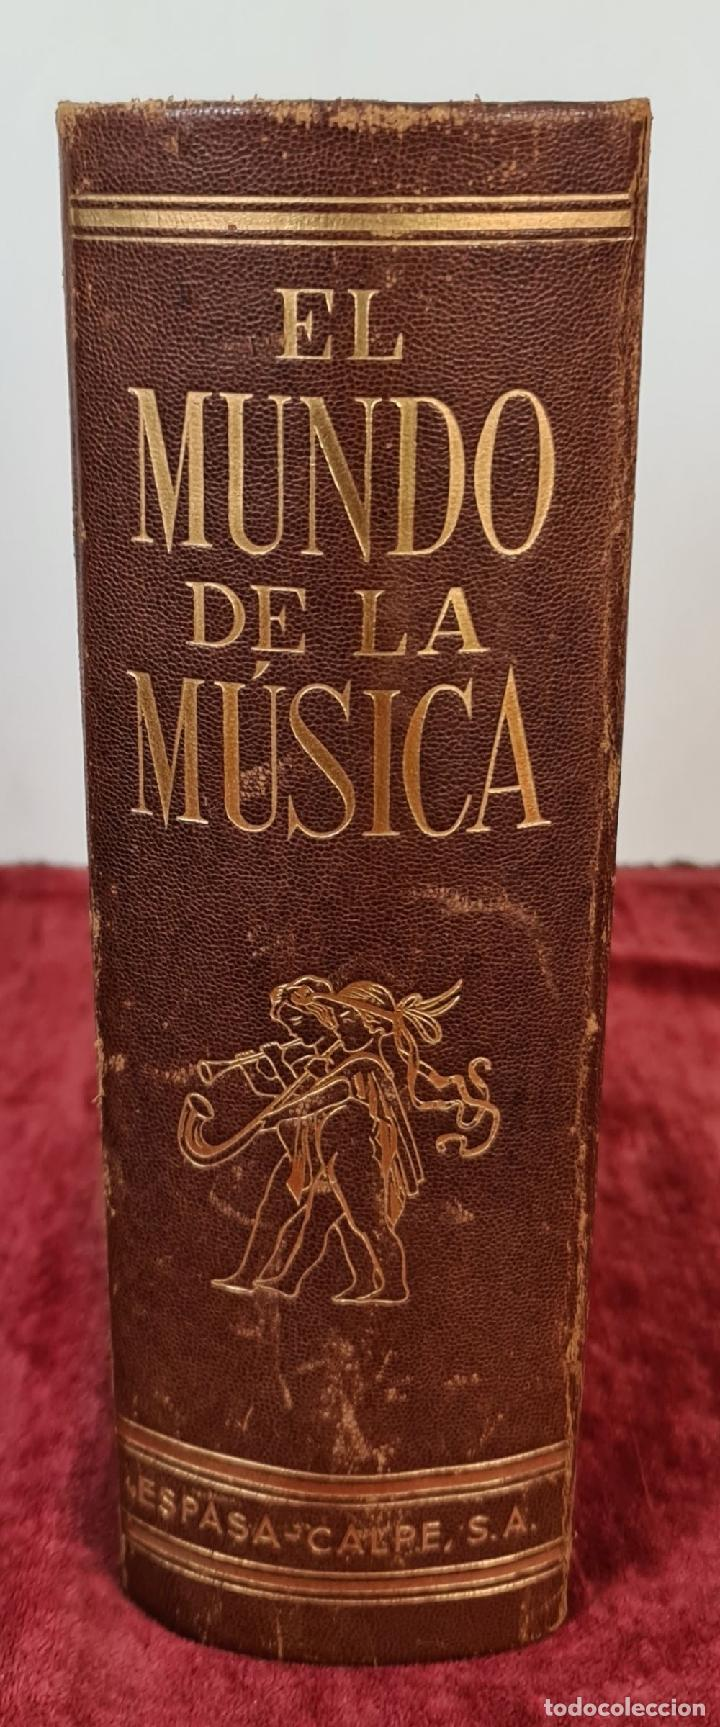 Libros antiguos: EL MUNDO DE LA MUSICA. K.B. SANDVED. EDIT. ESPASA CALPE. 1962. - Foto 5 - 213622877